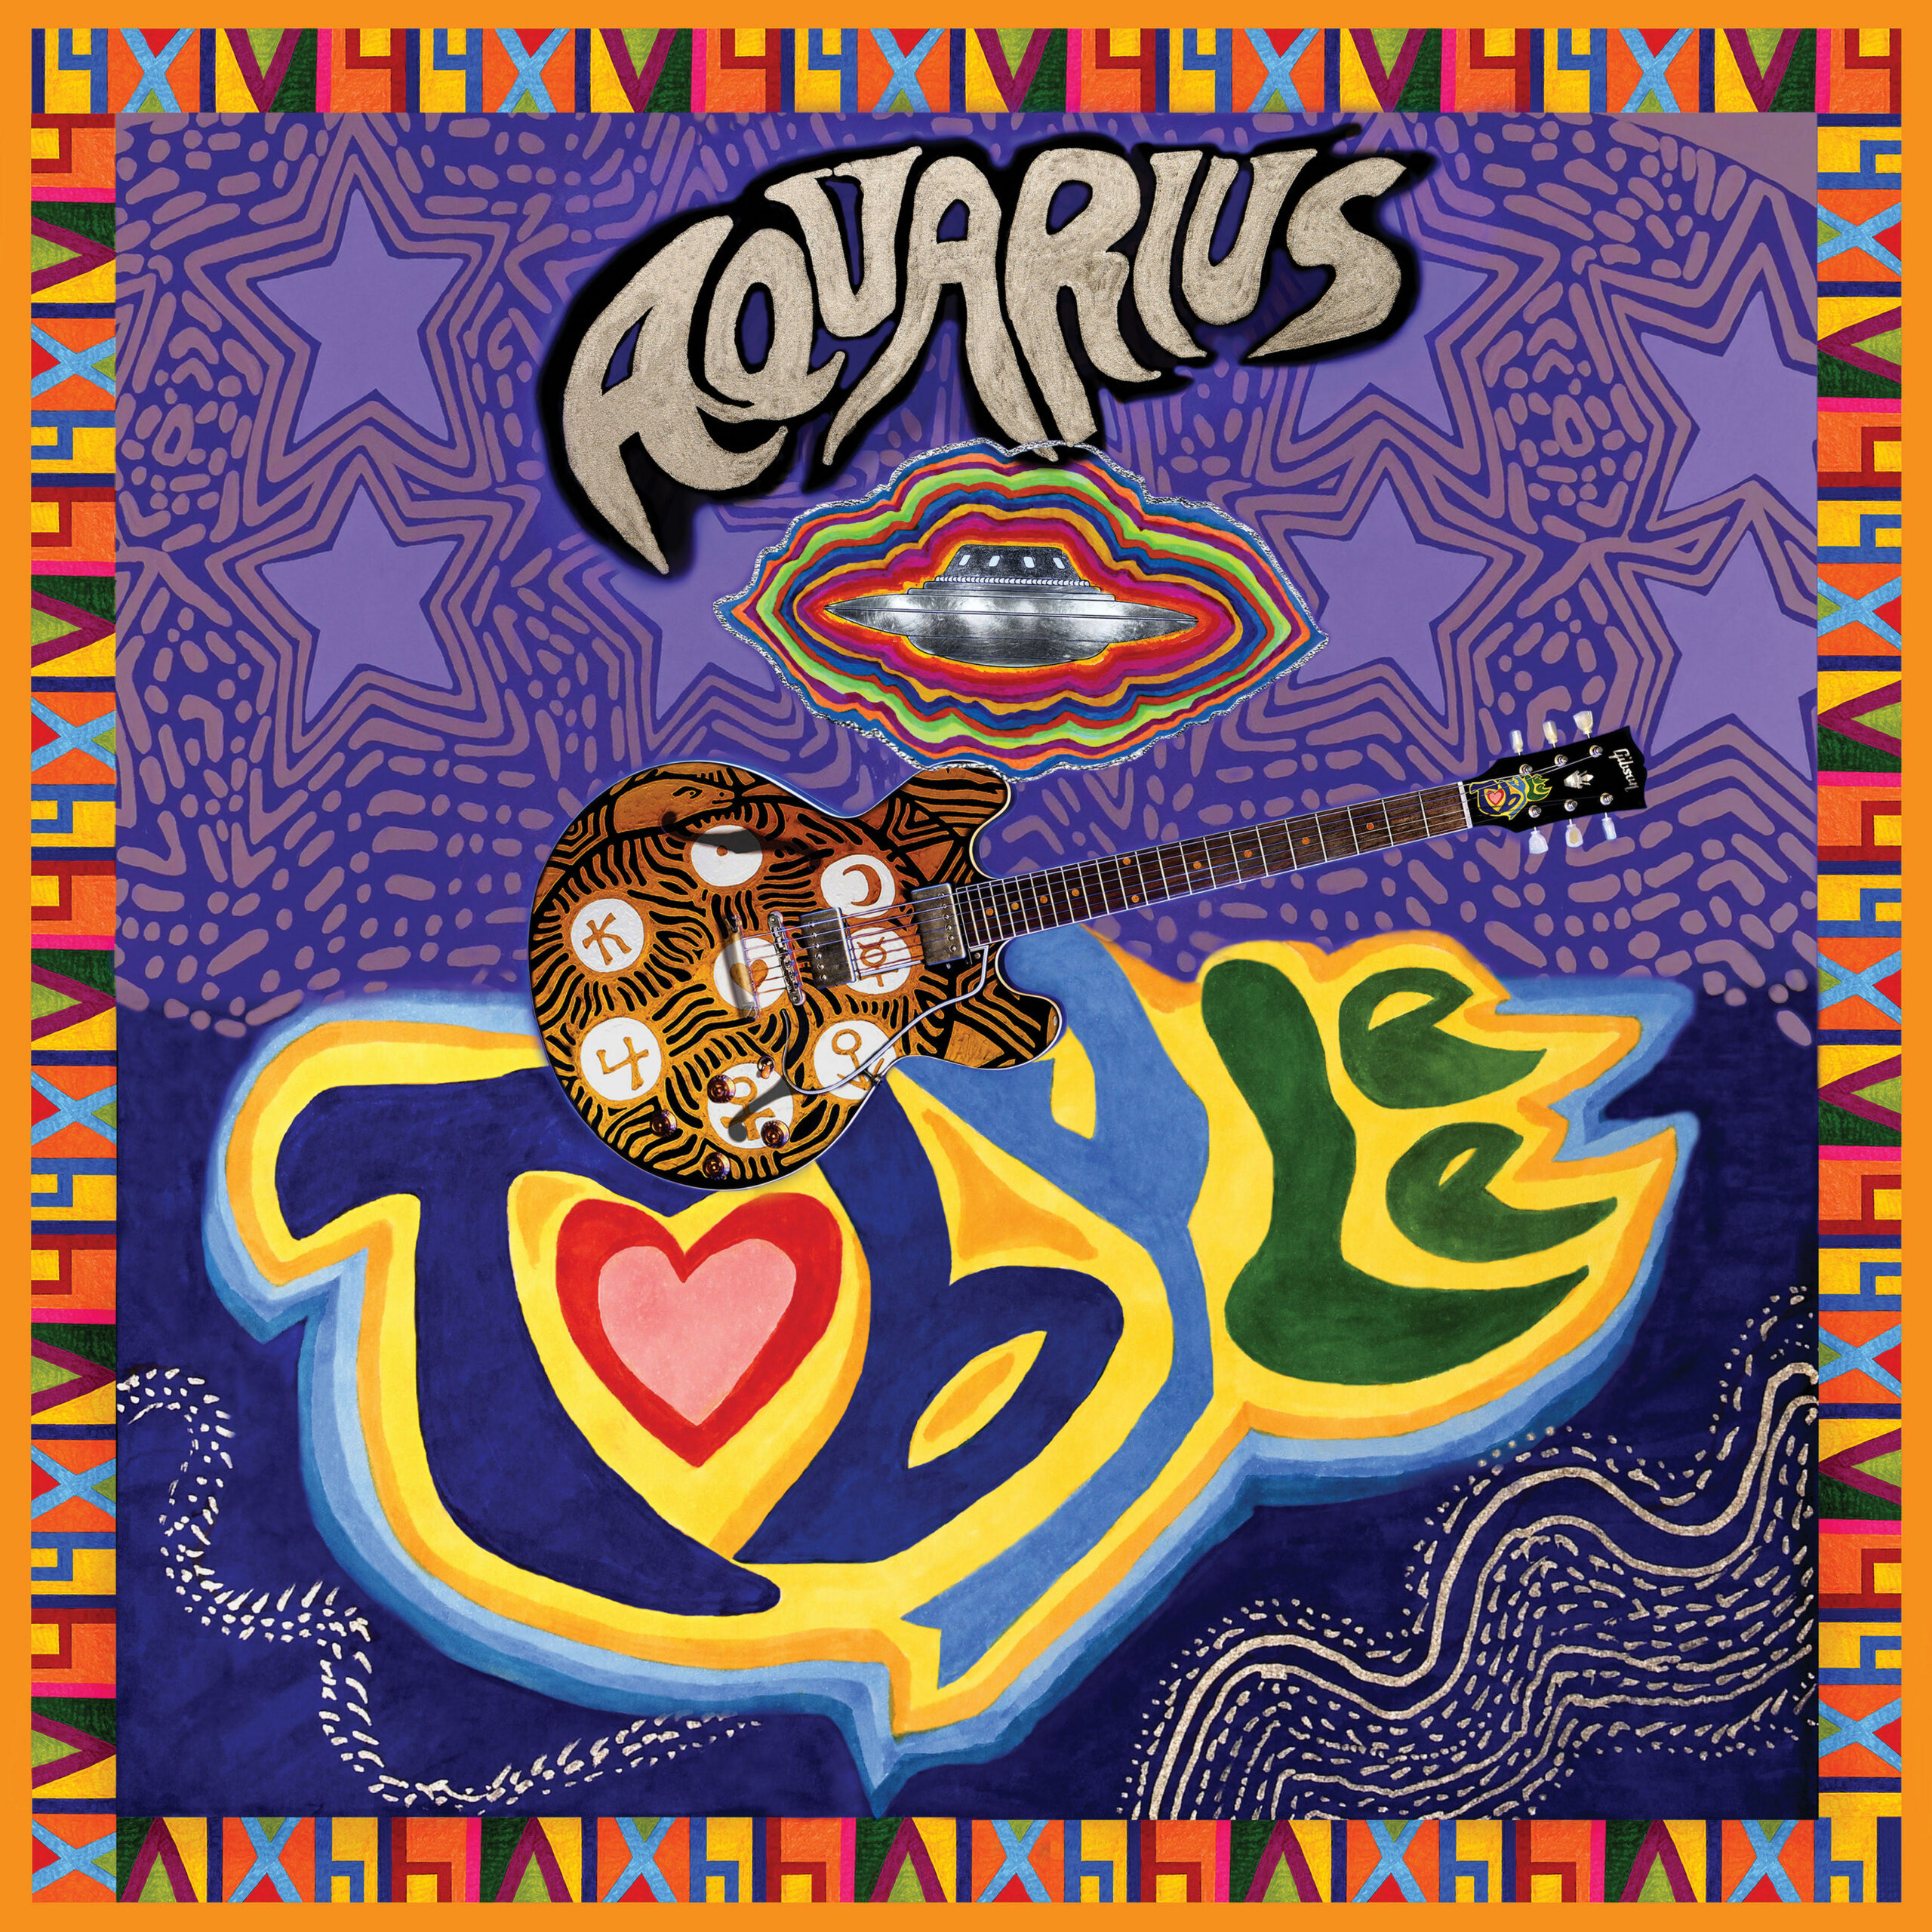 image of album cover for Toby Lee - Aquarius